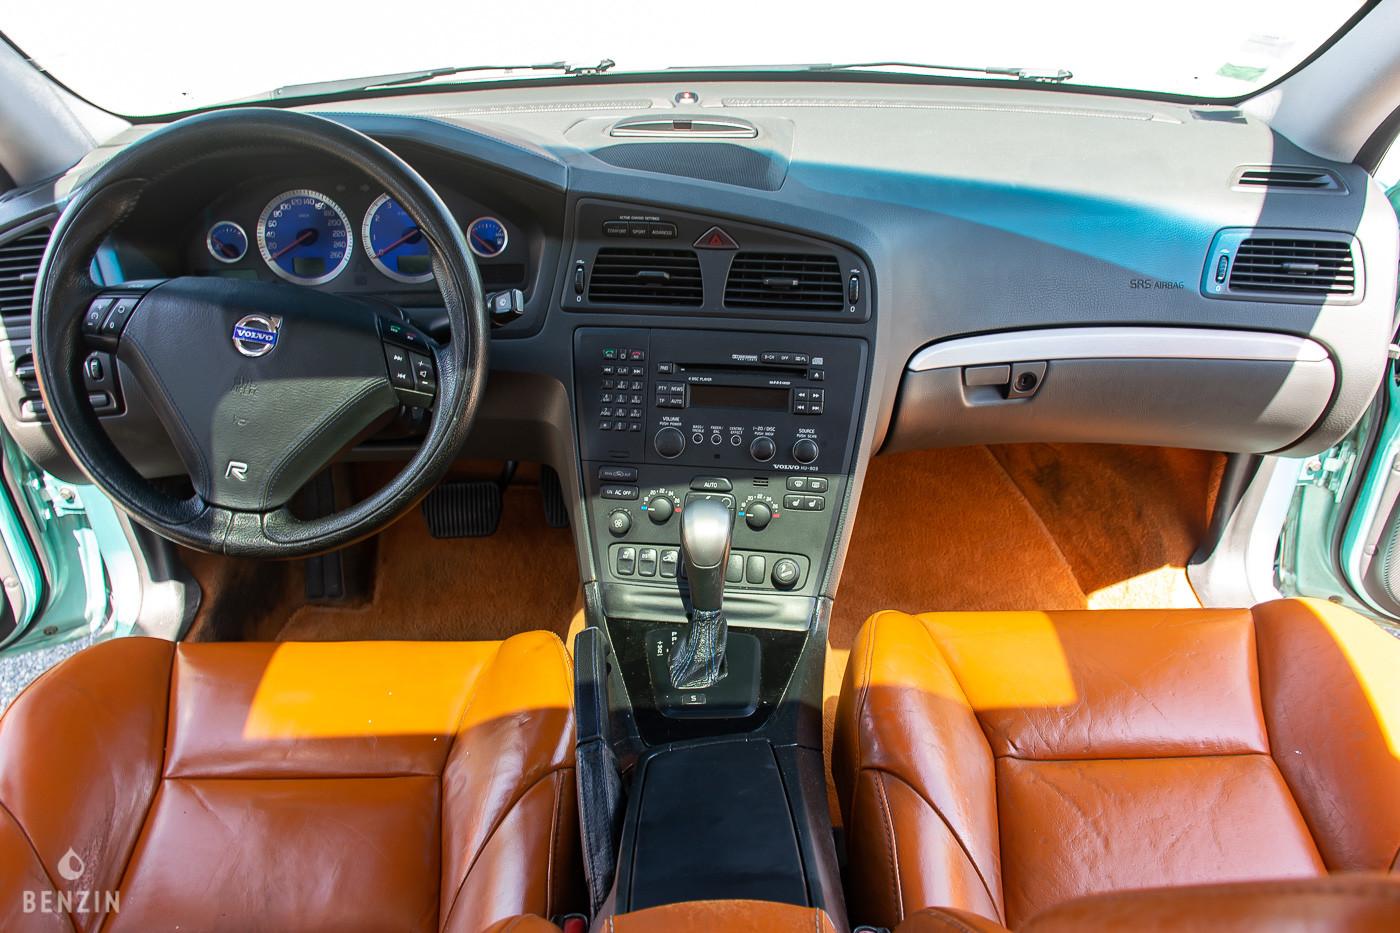 Tableau de bord de la Volvo S60 R